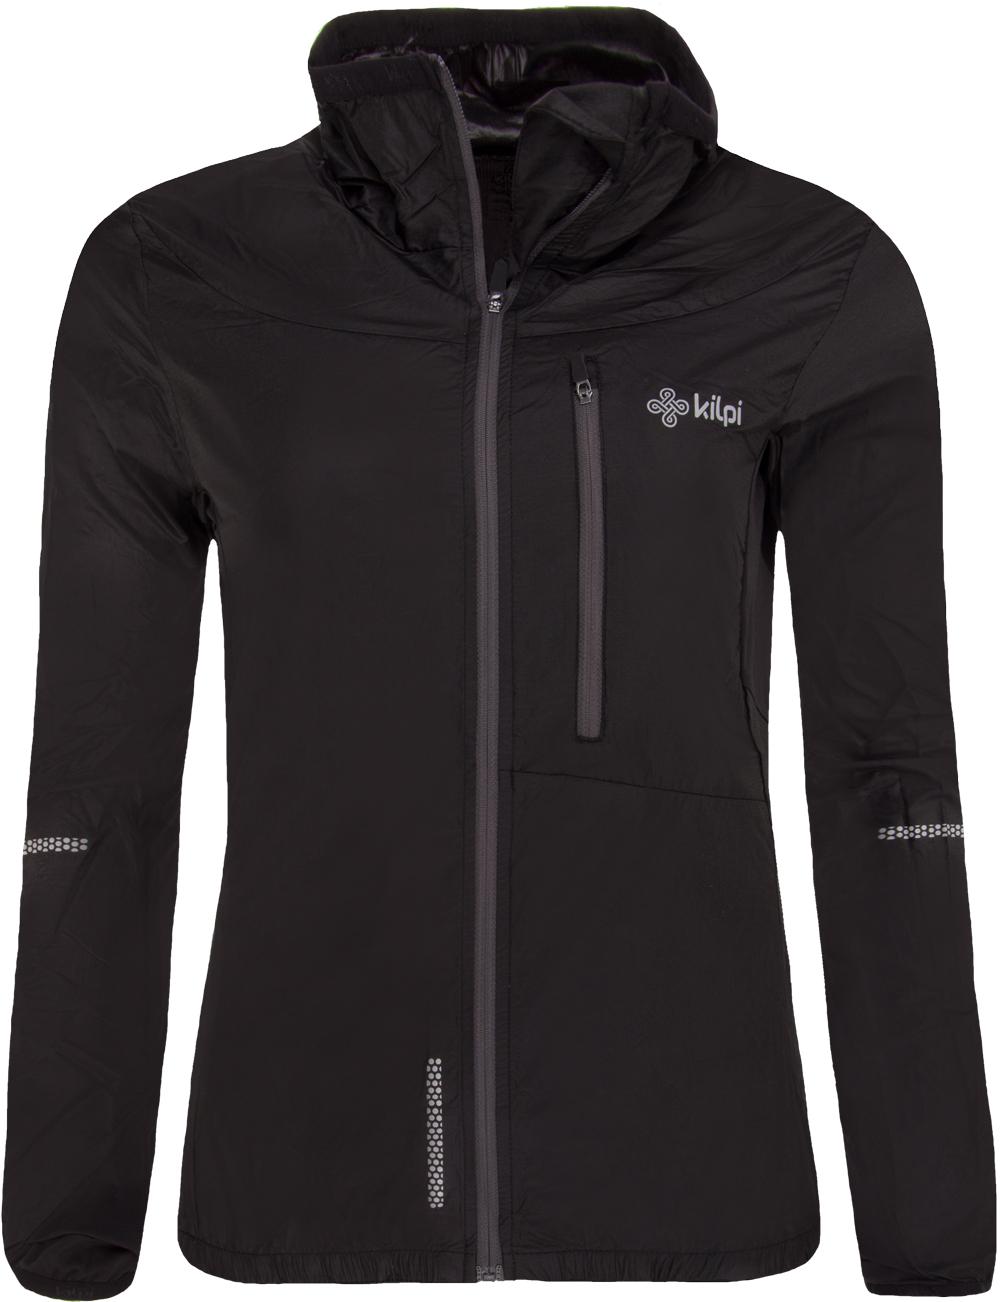 Women's light sport  jacket  KILPI AIRRUNNER-W